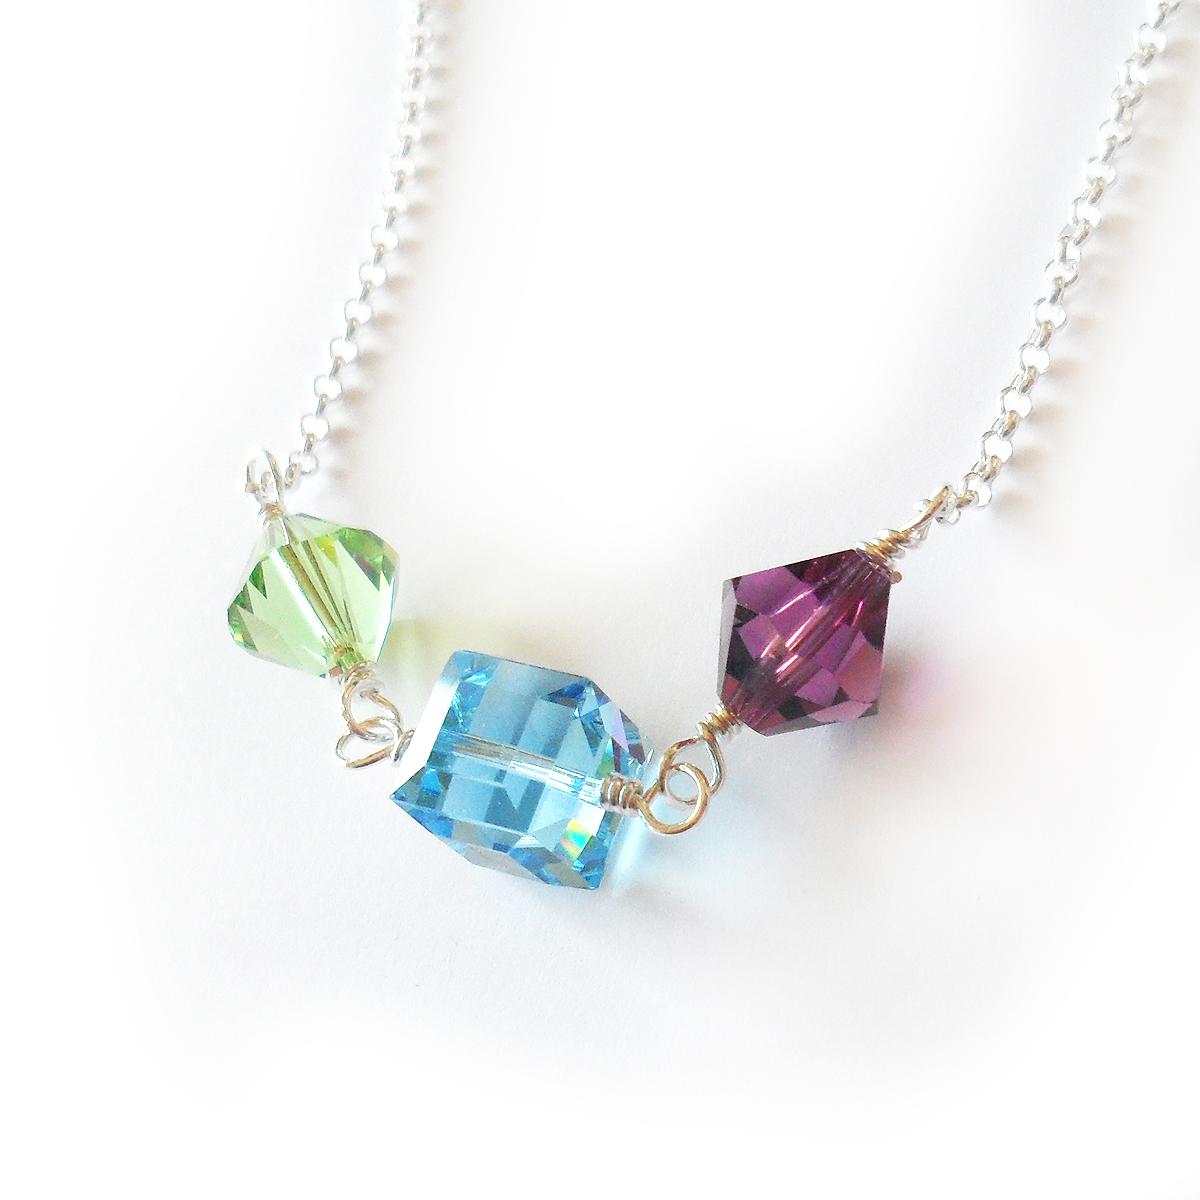 collar-marta-en-plata-de-ley-y-cuentas-de-swarovski-verde-lila-y-azul-3